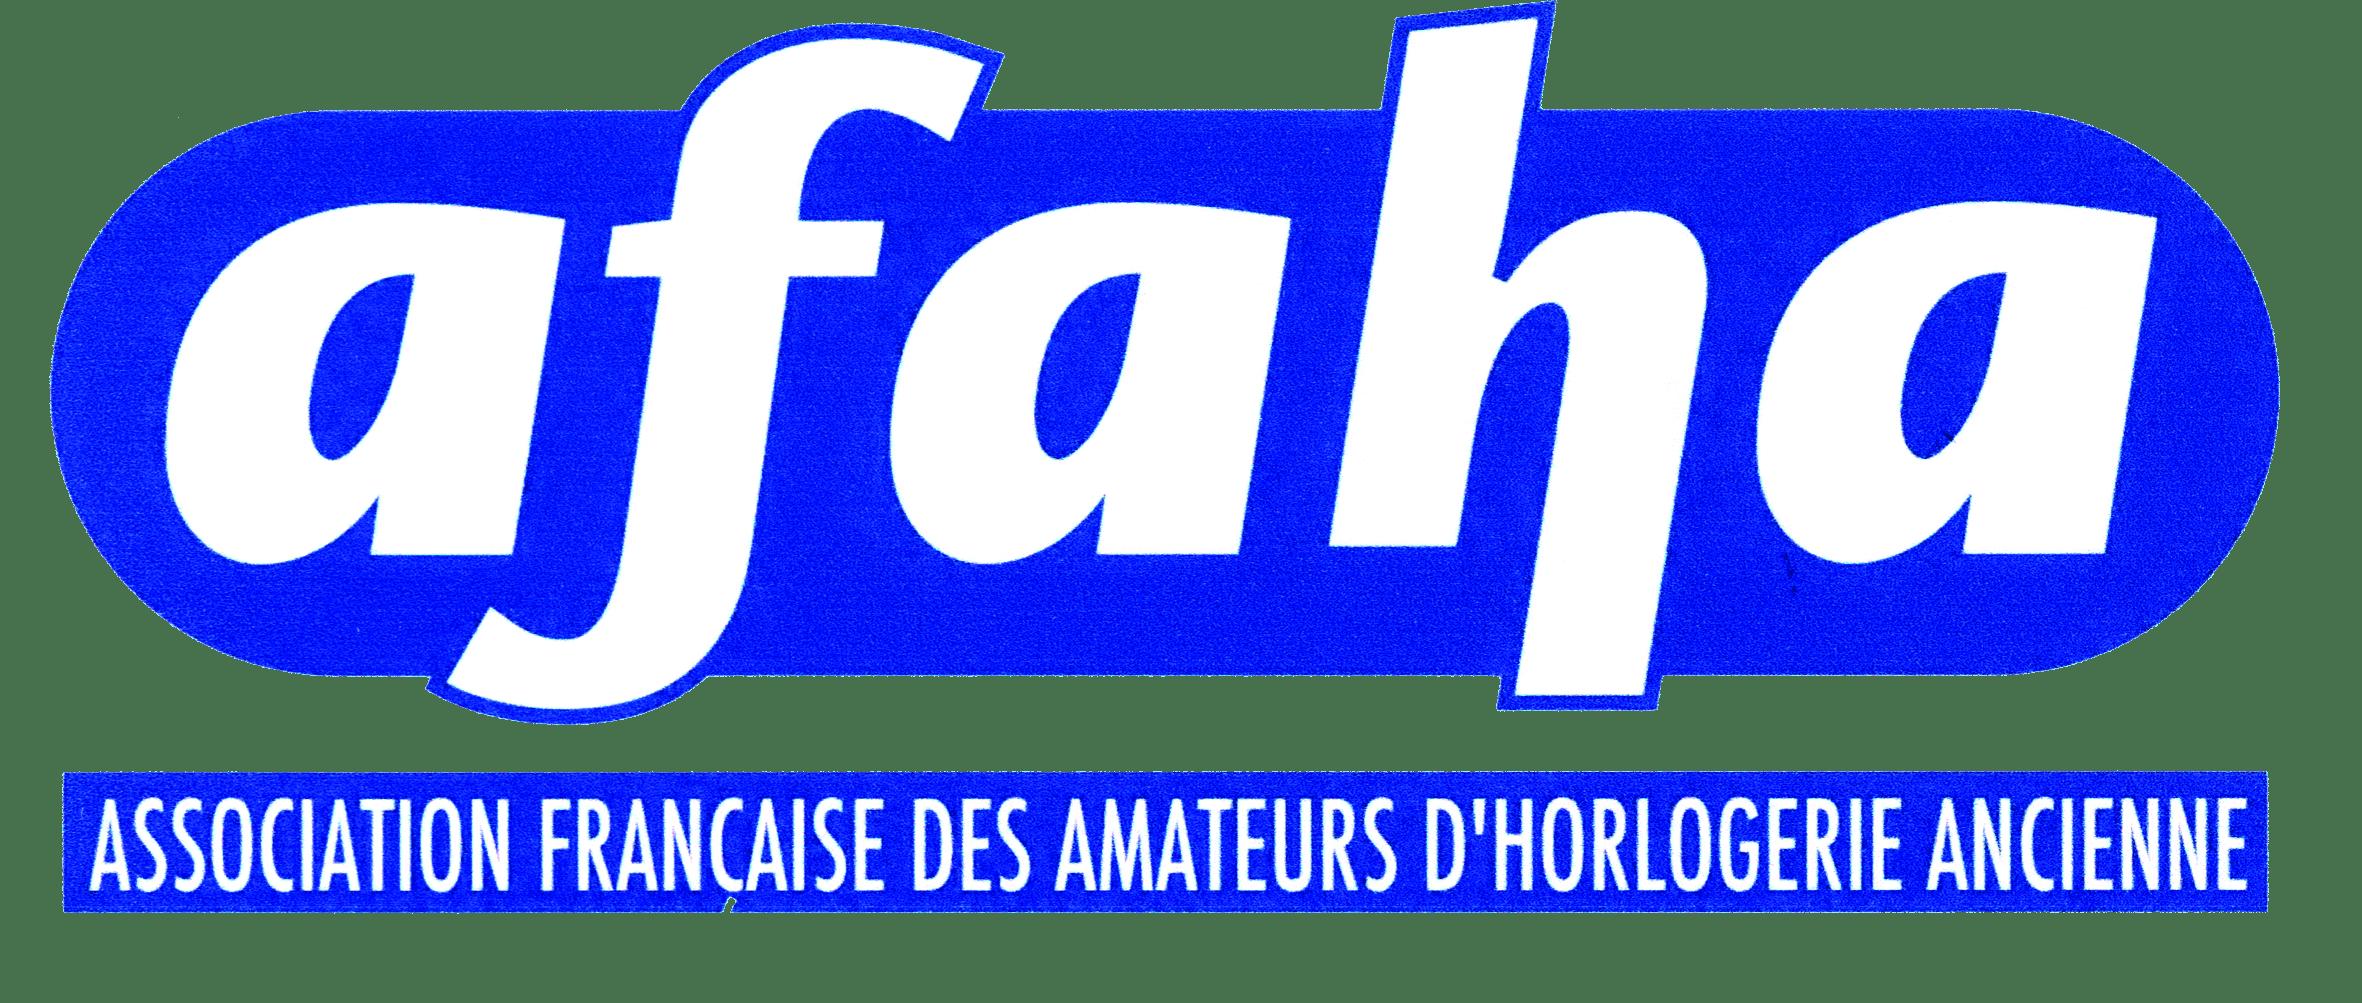 logo_afaha-min